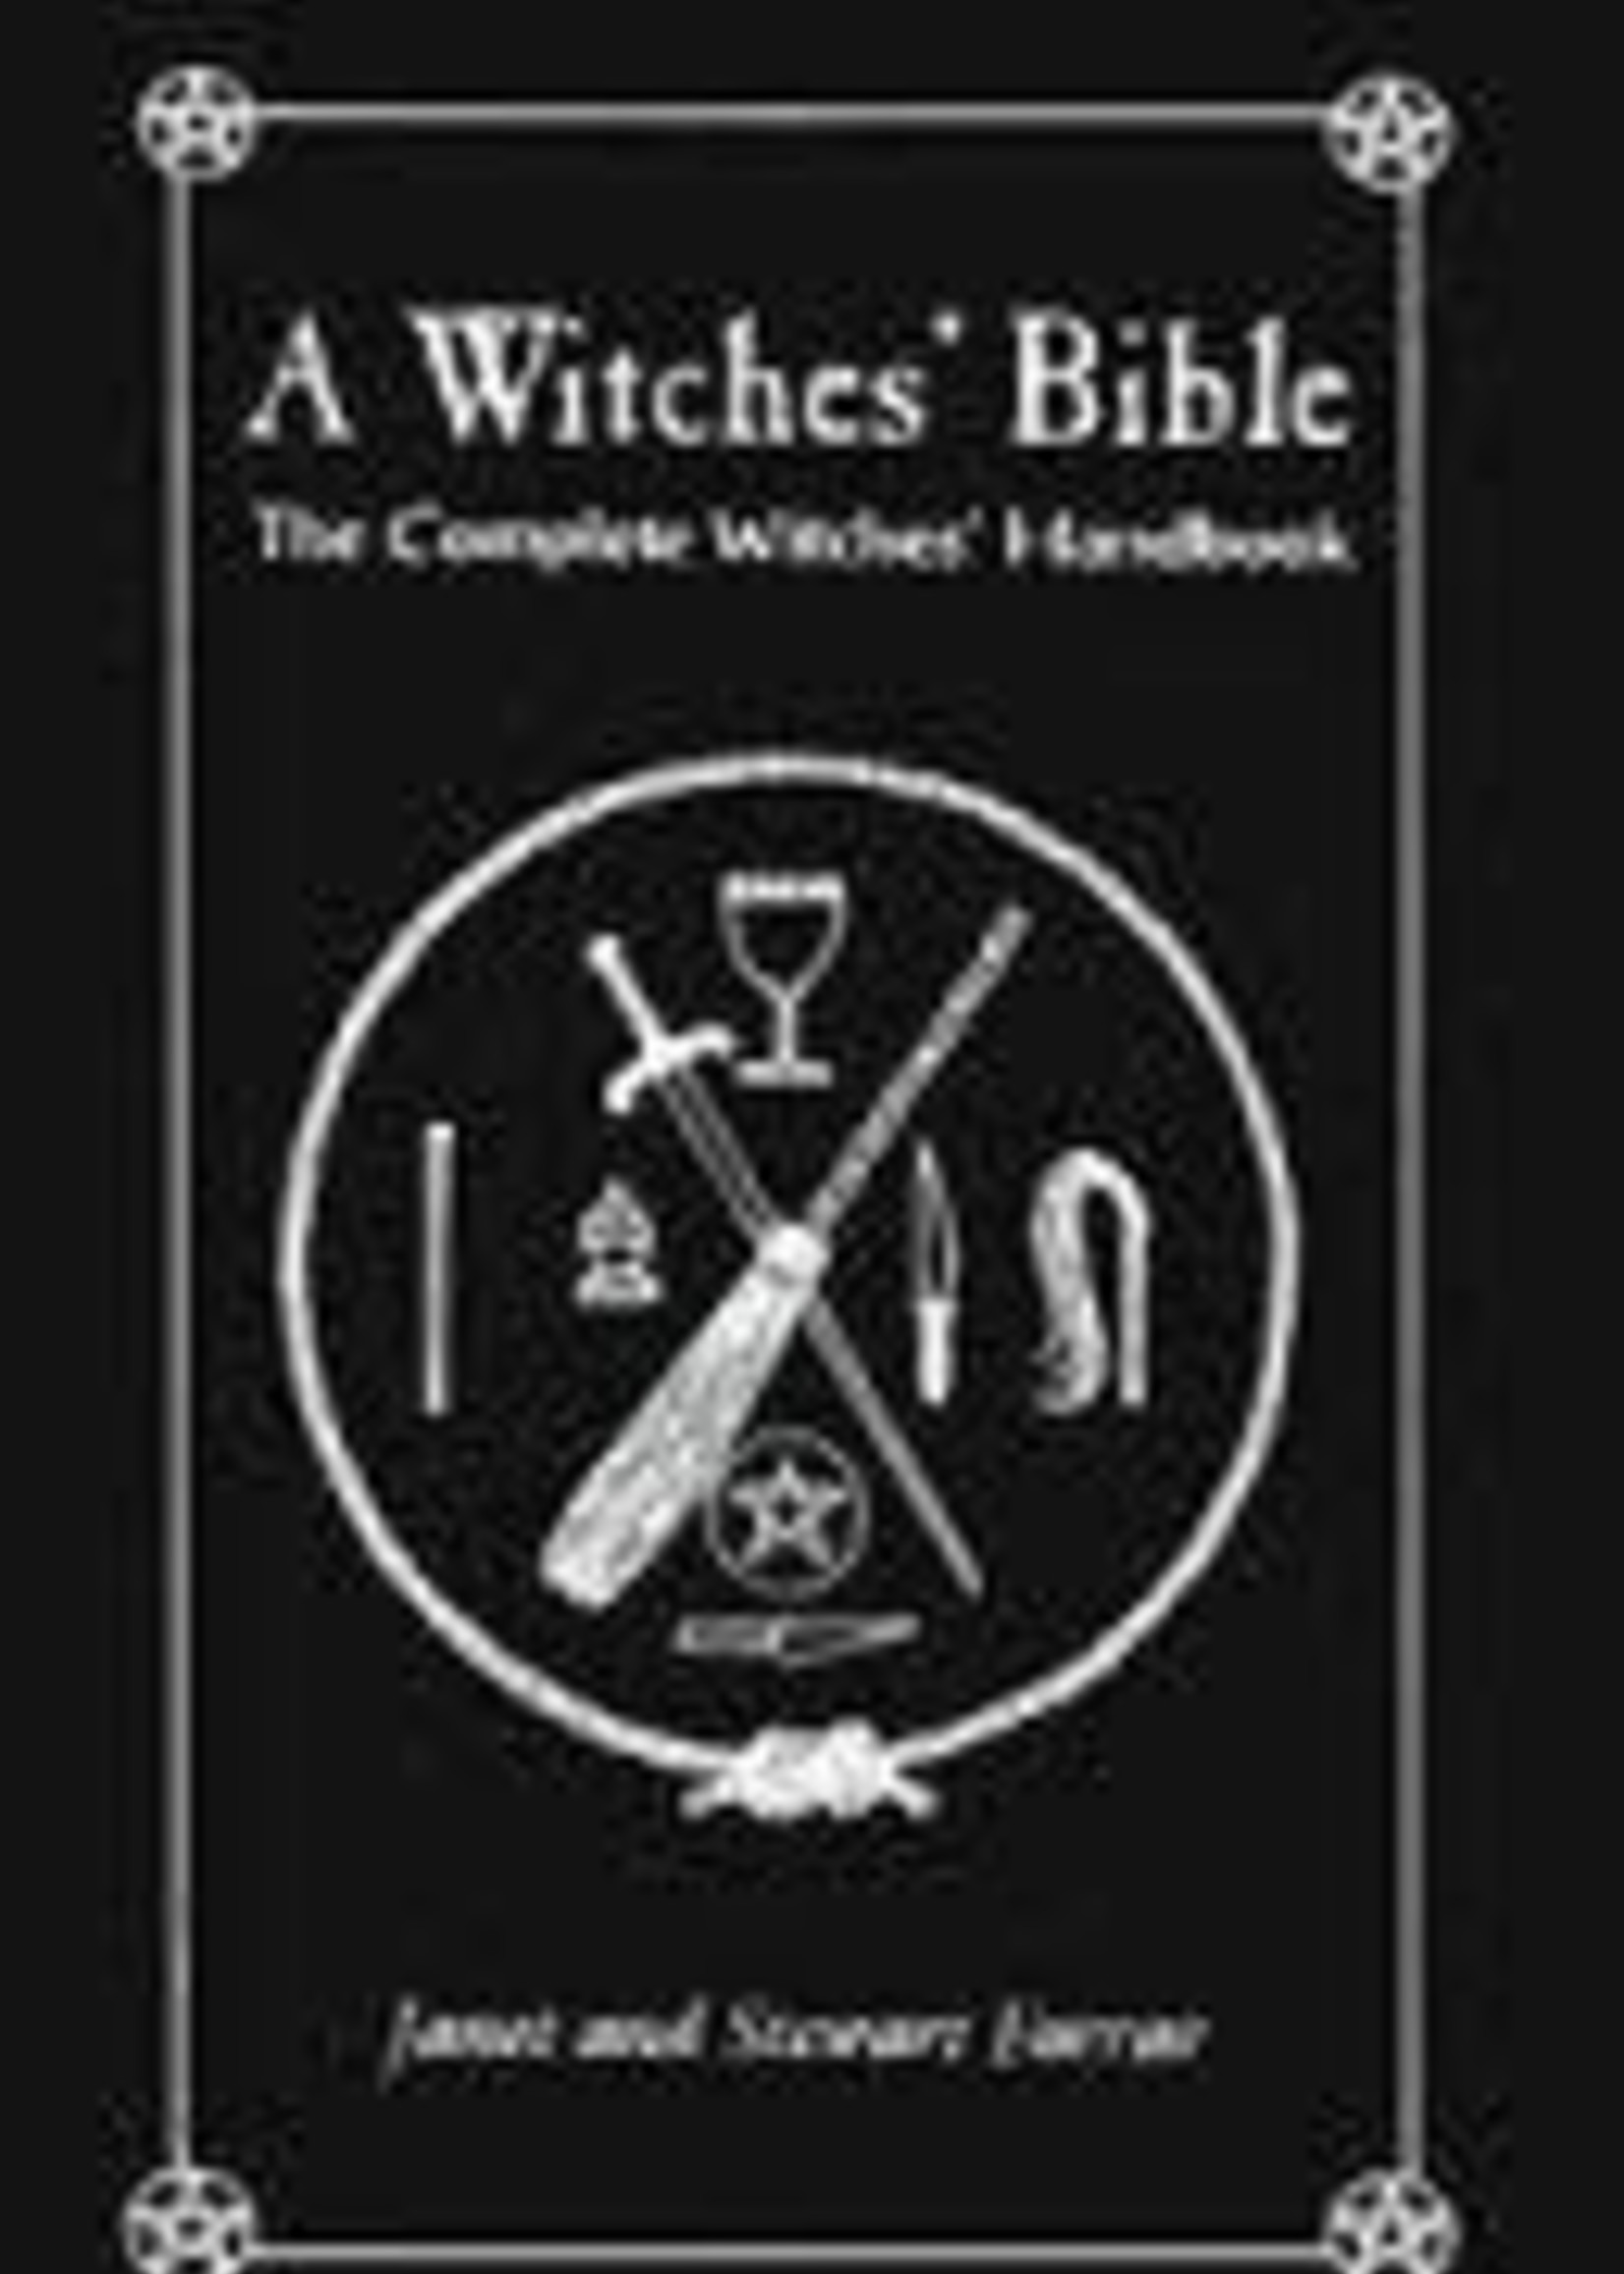 A Witches Bible (Janet & Stewart Farrar)